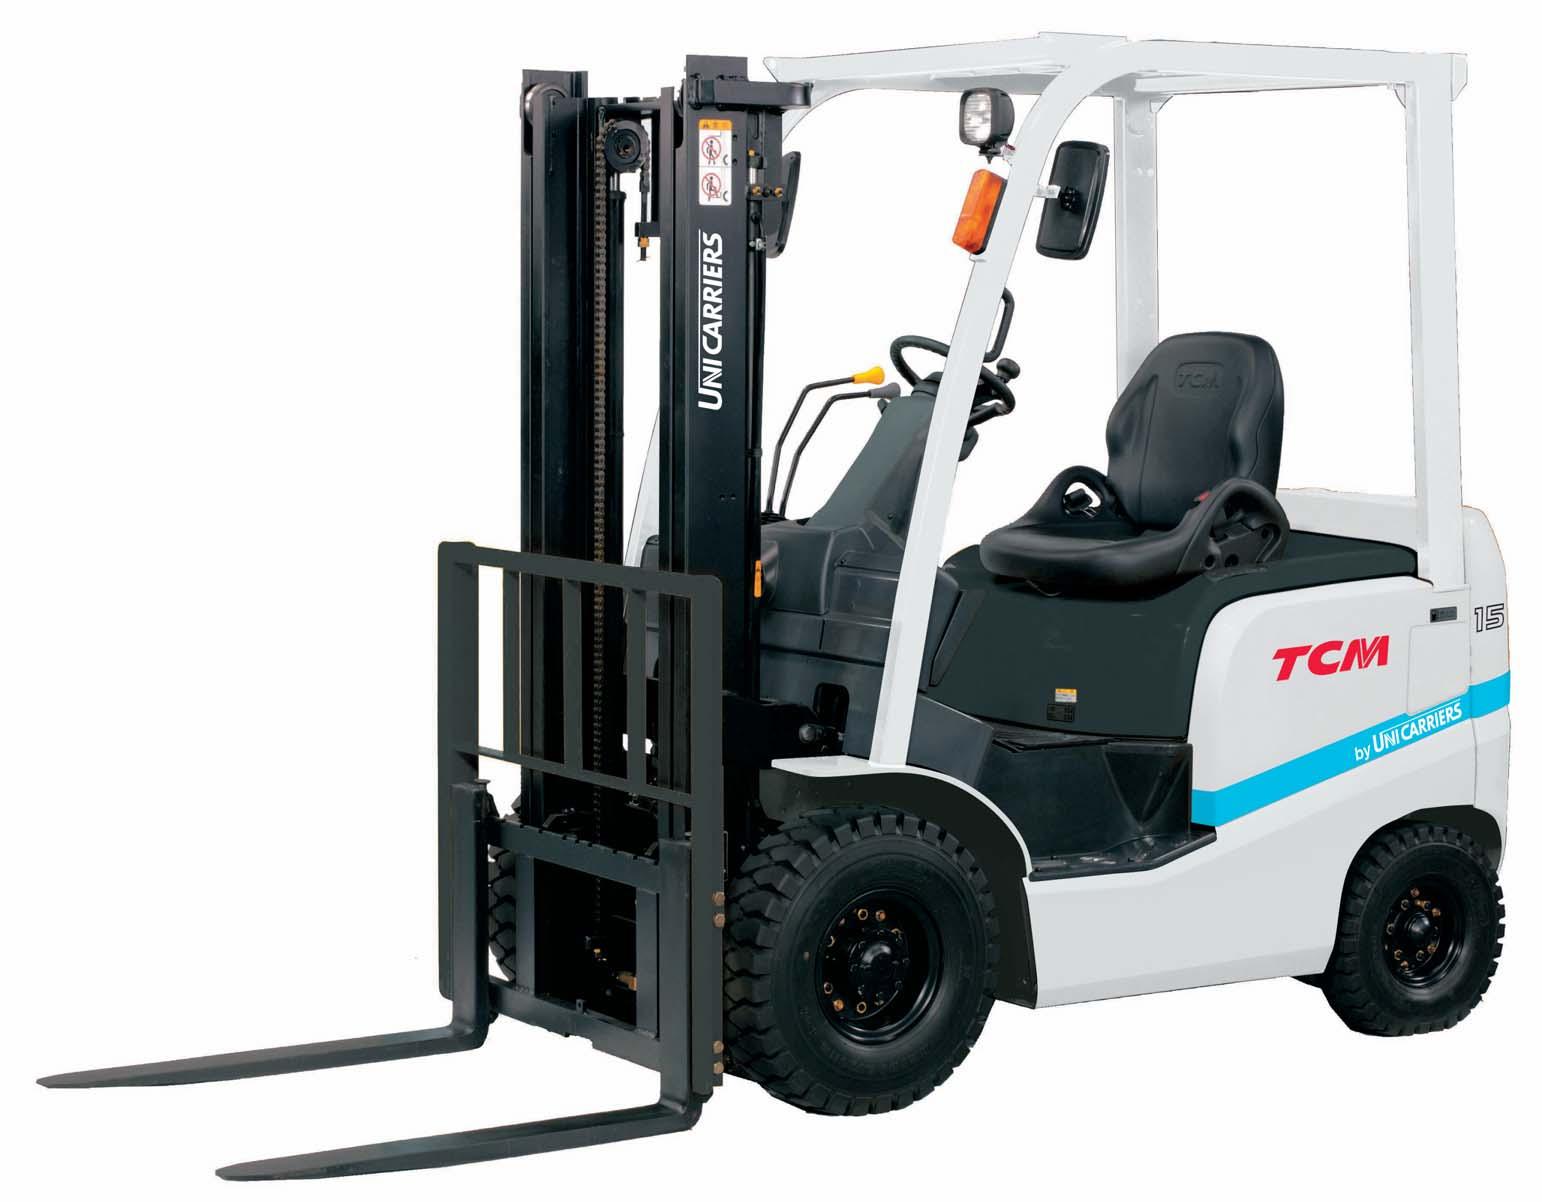 TCM FG35T9